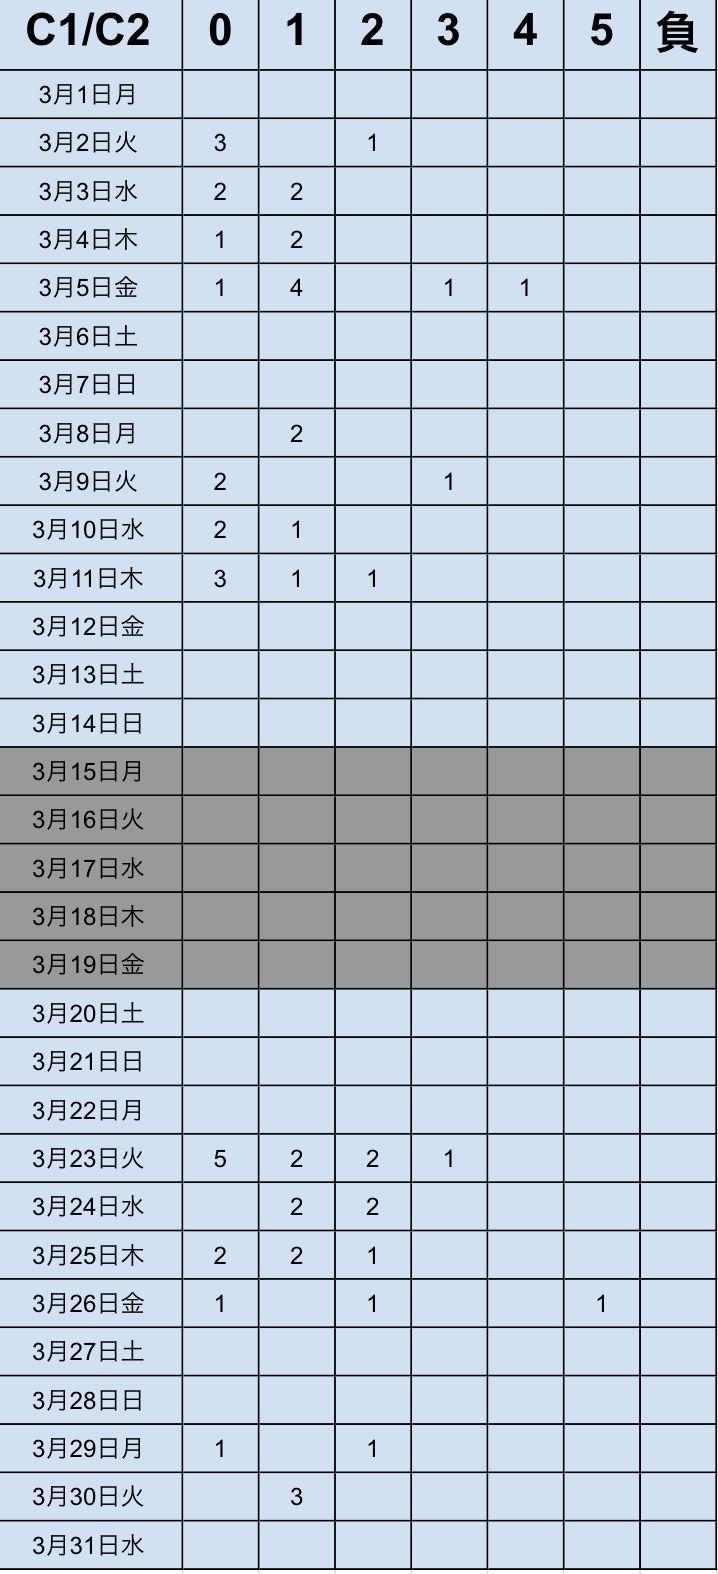 キャッシュリッチ2、2021年3月勝率